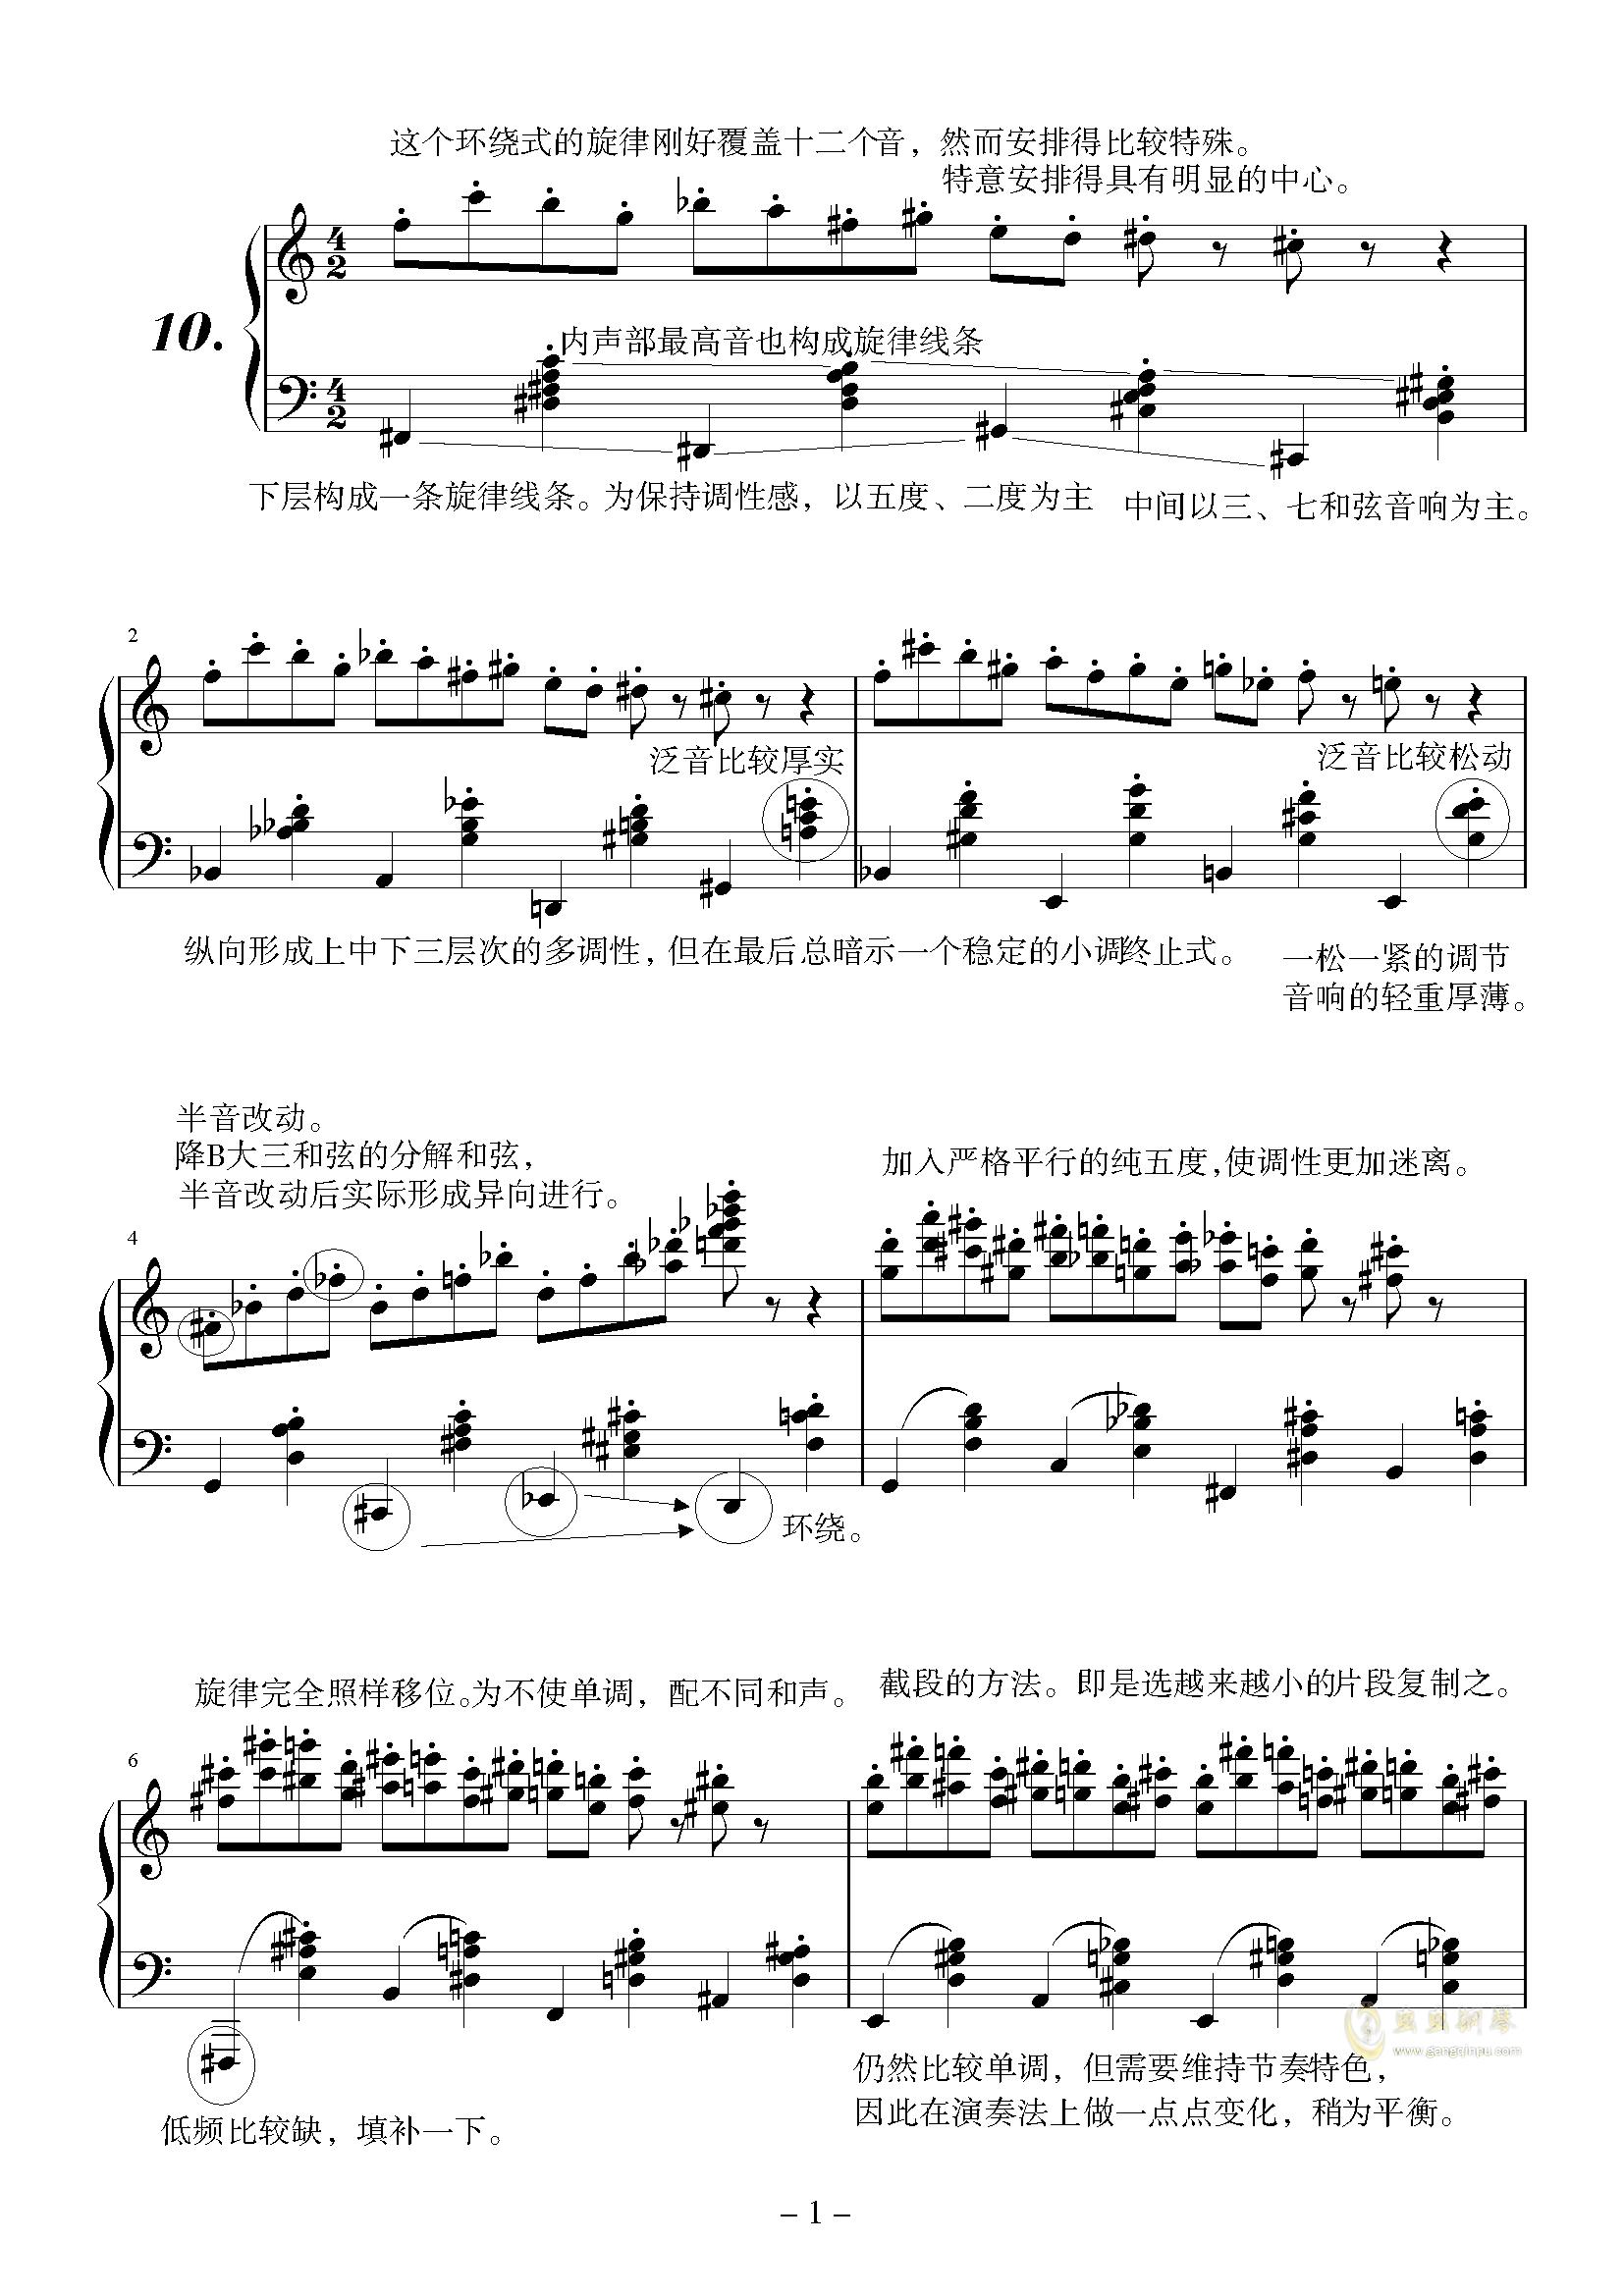 阐释集 (10) - 小谐谑曲钢琴谱 第1页